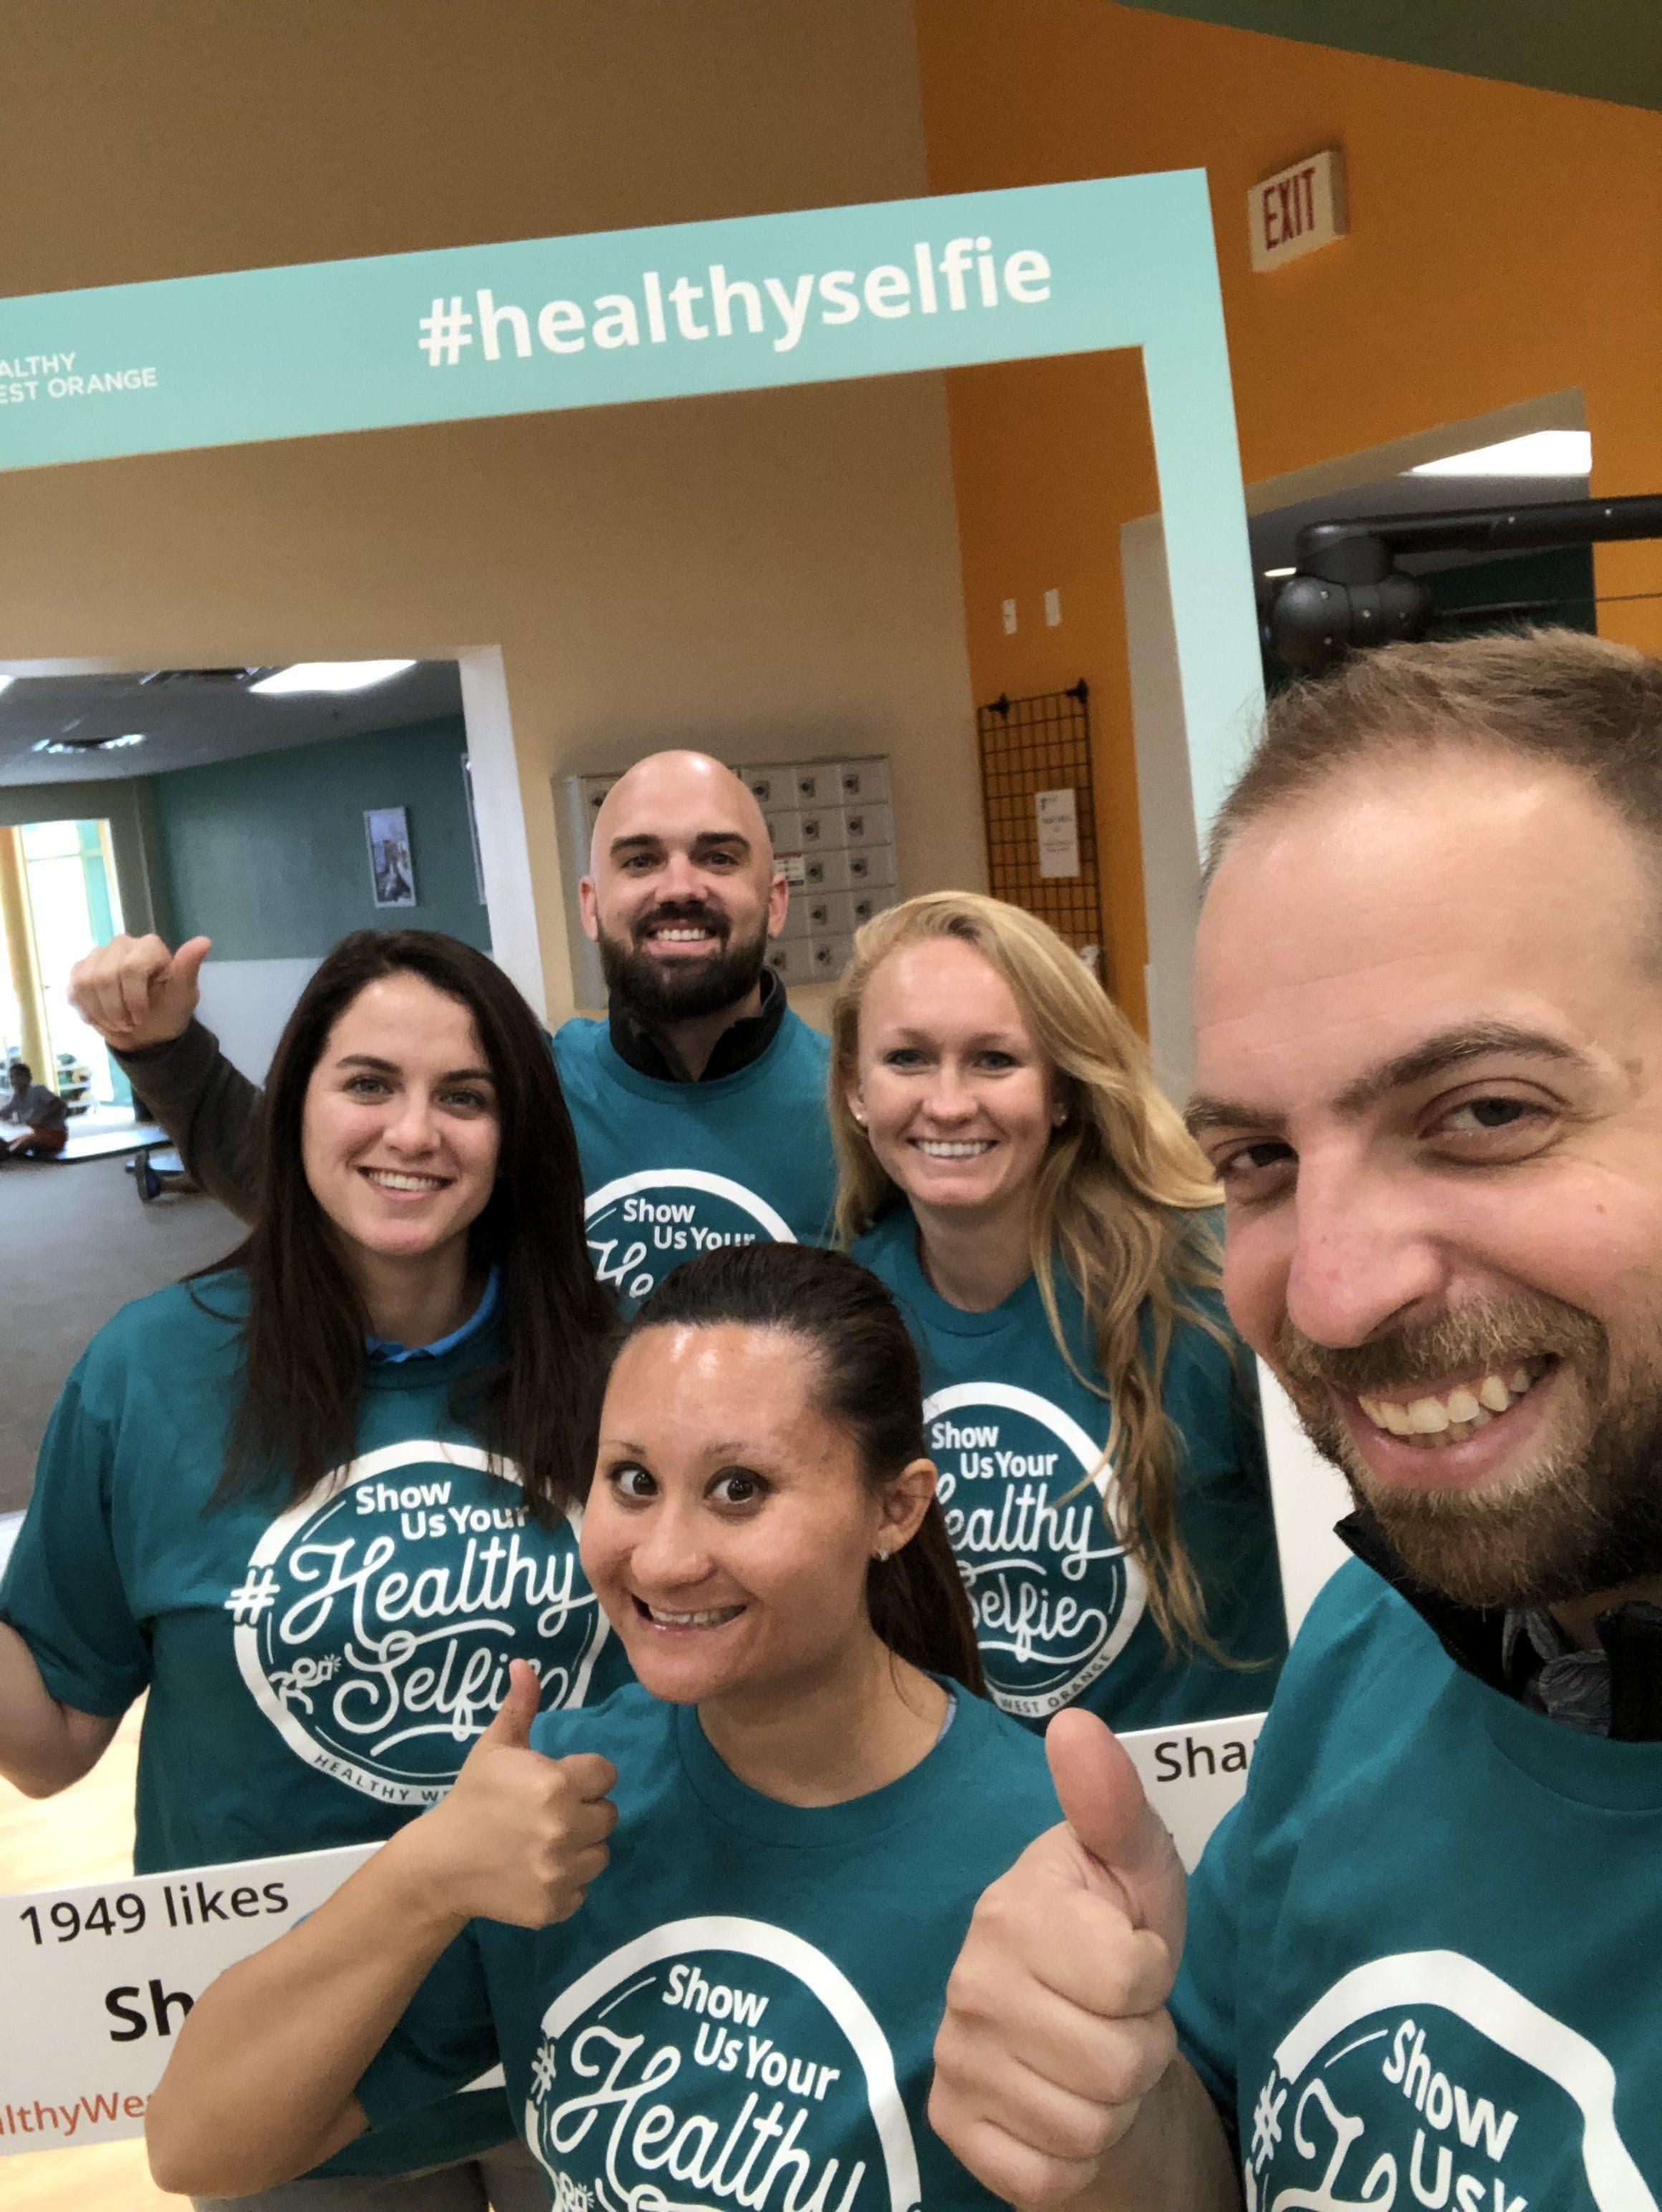 ymca team healthy selfie